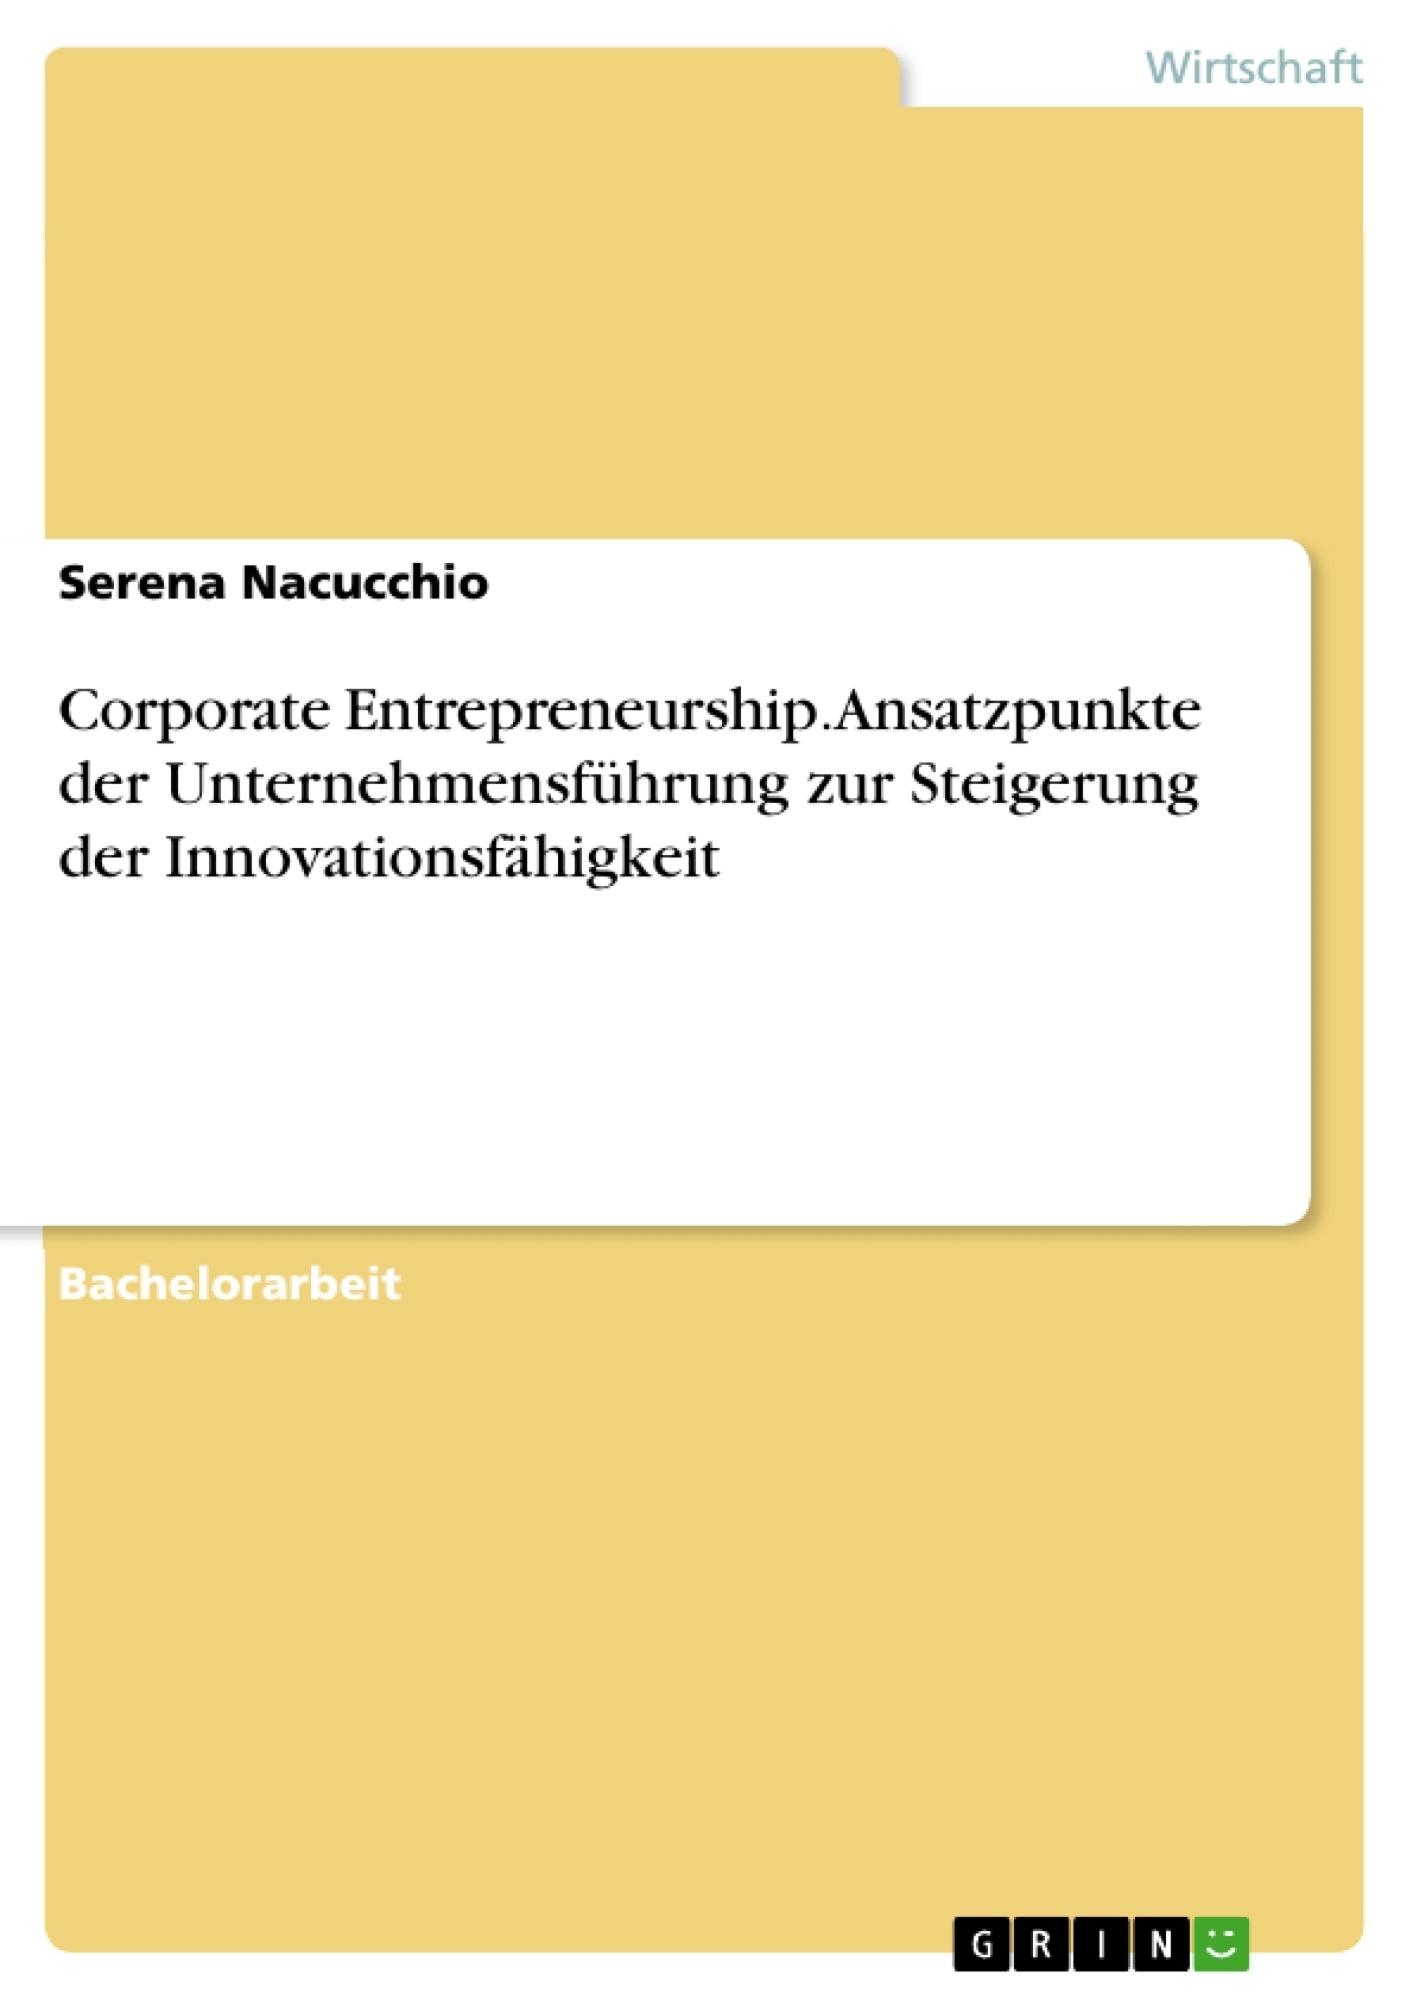 Titel: Corporate Entrepreneurship. Ansatzpunkte der Unternehmensführung zur Steigerung der Innovationsfähigkeit